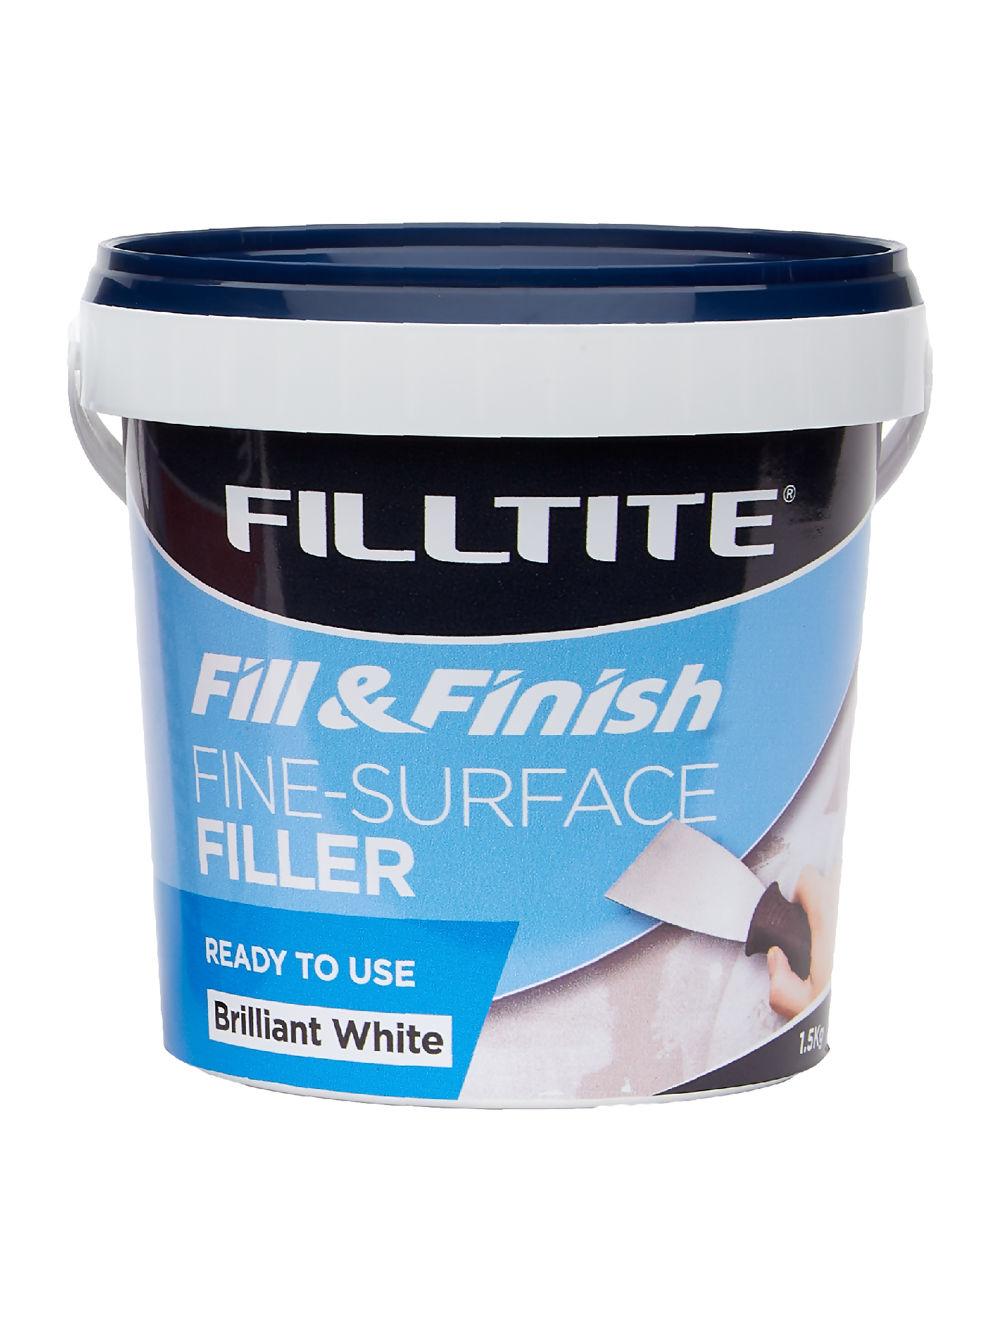 Filltite Fill & Finish Ready Mixed Fine-Surface Filler Ref F18368